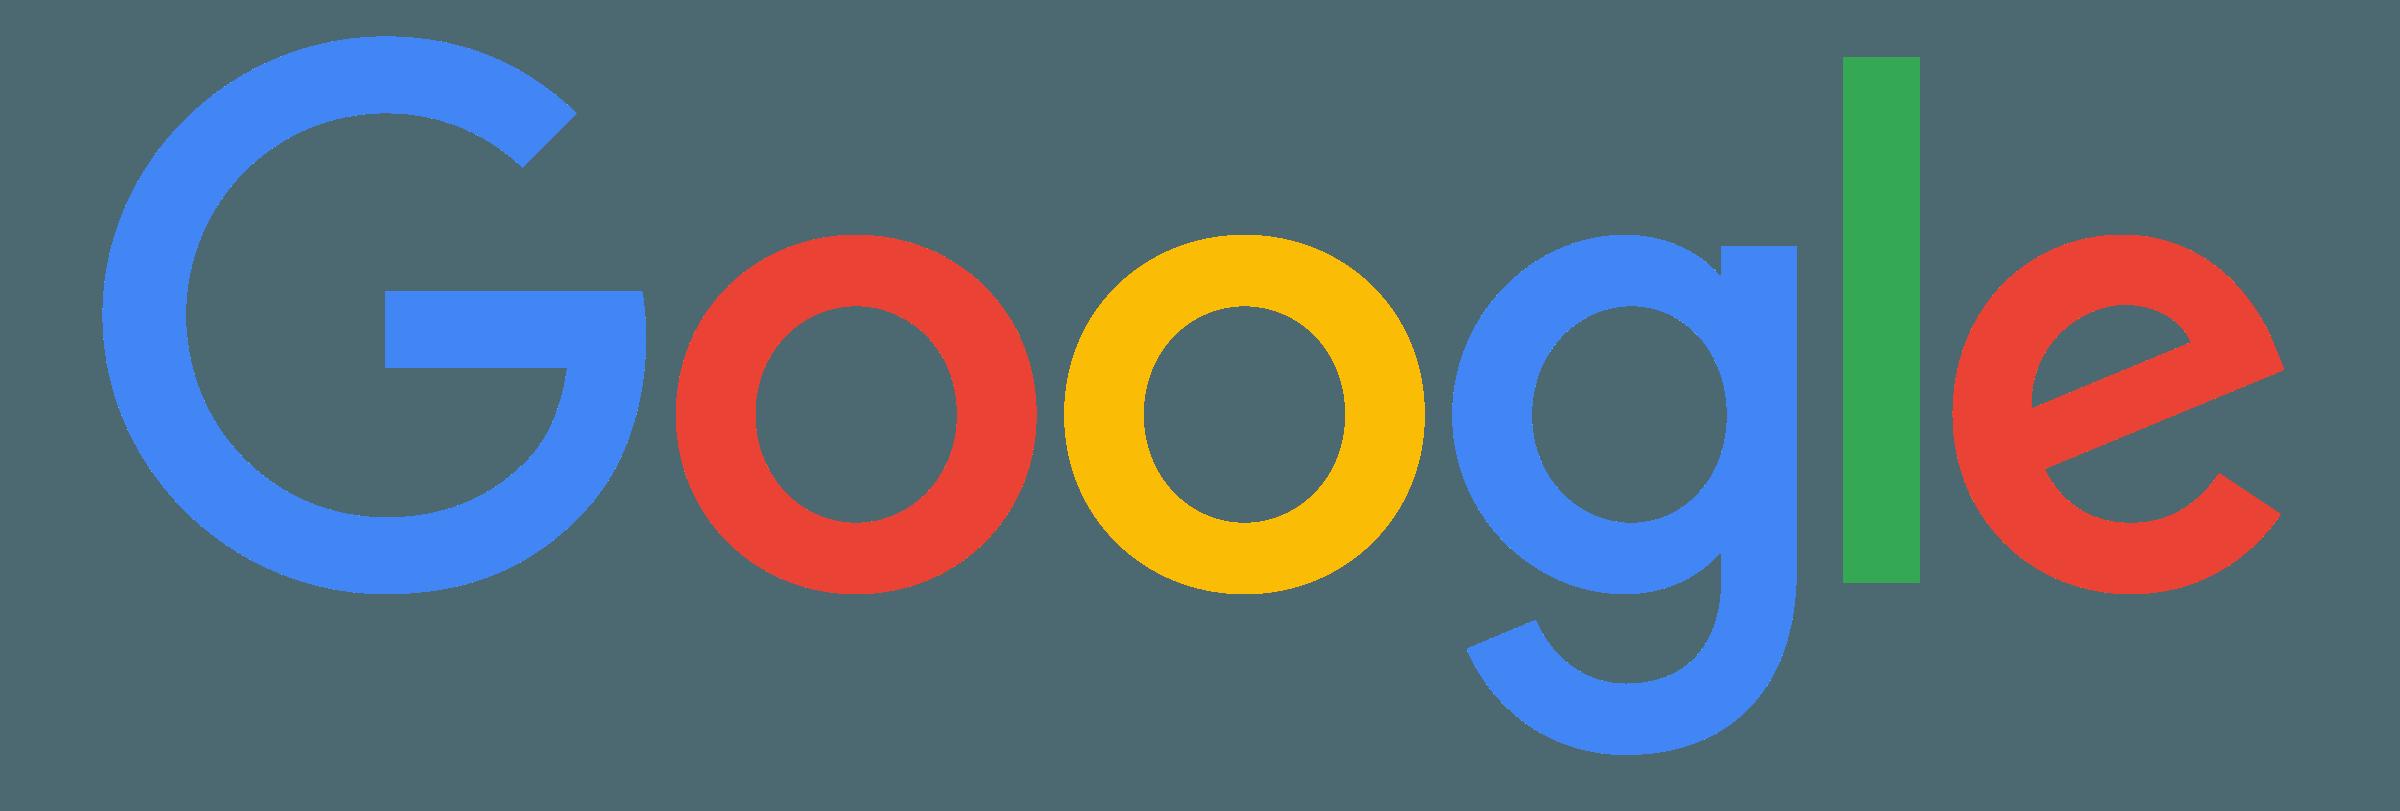 Google Logo PNG Transparent & SVG Vector